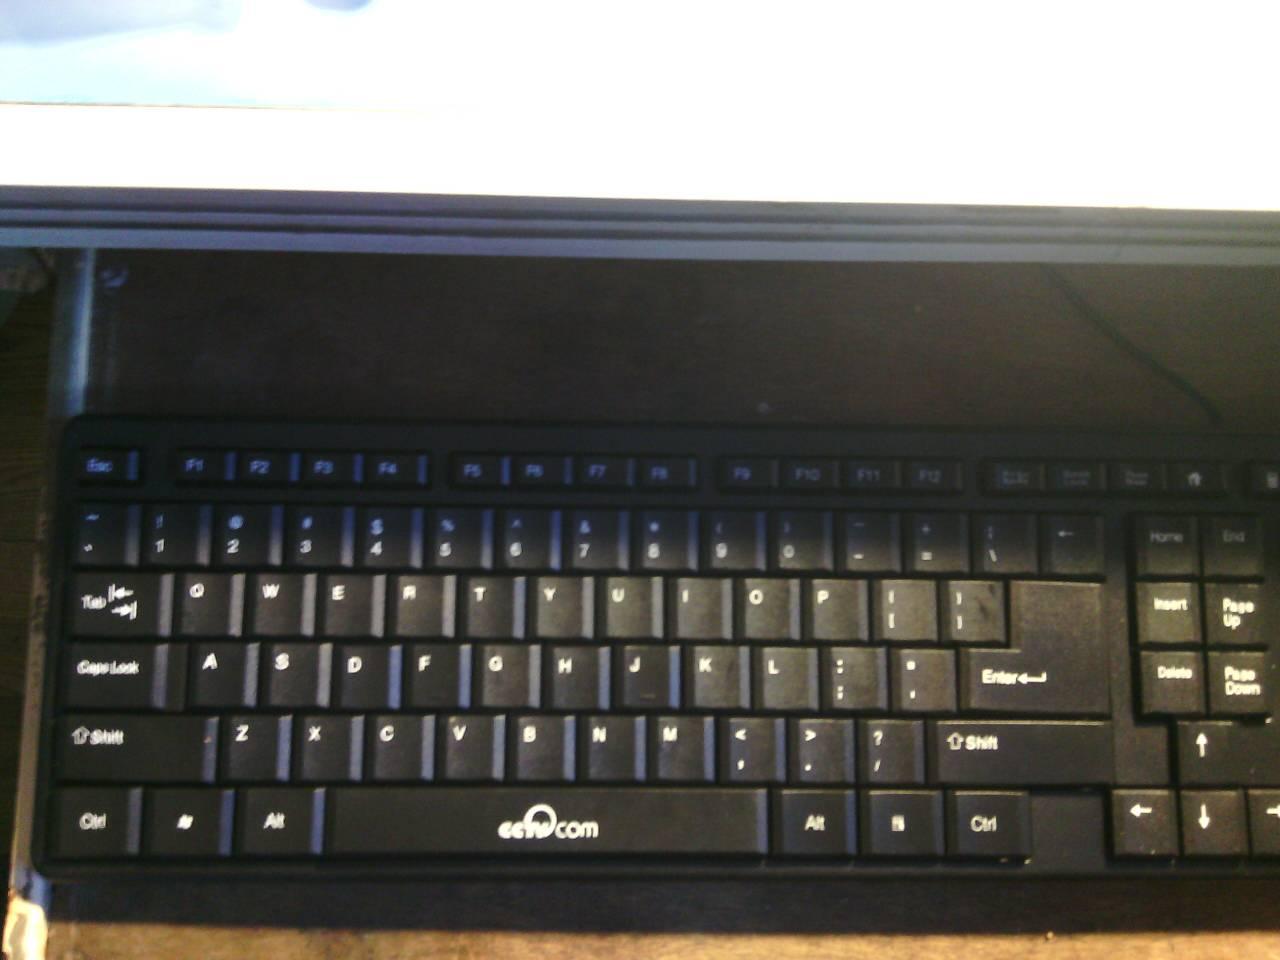 笔记本键盘不能用_笔记本自己的键盘不能用,外接键盘也不能用是什么原因